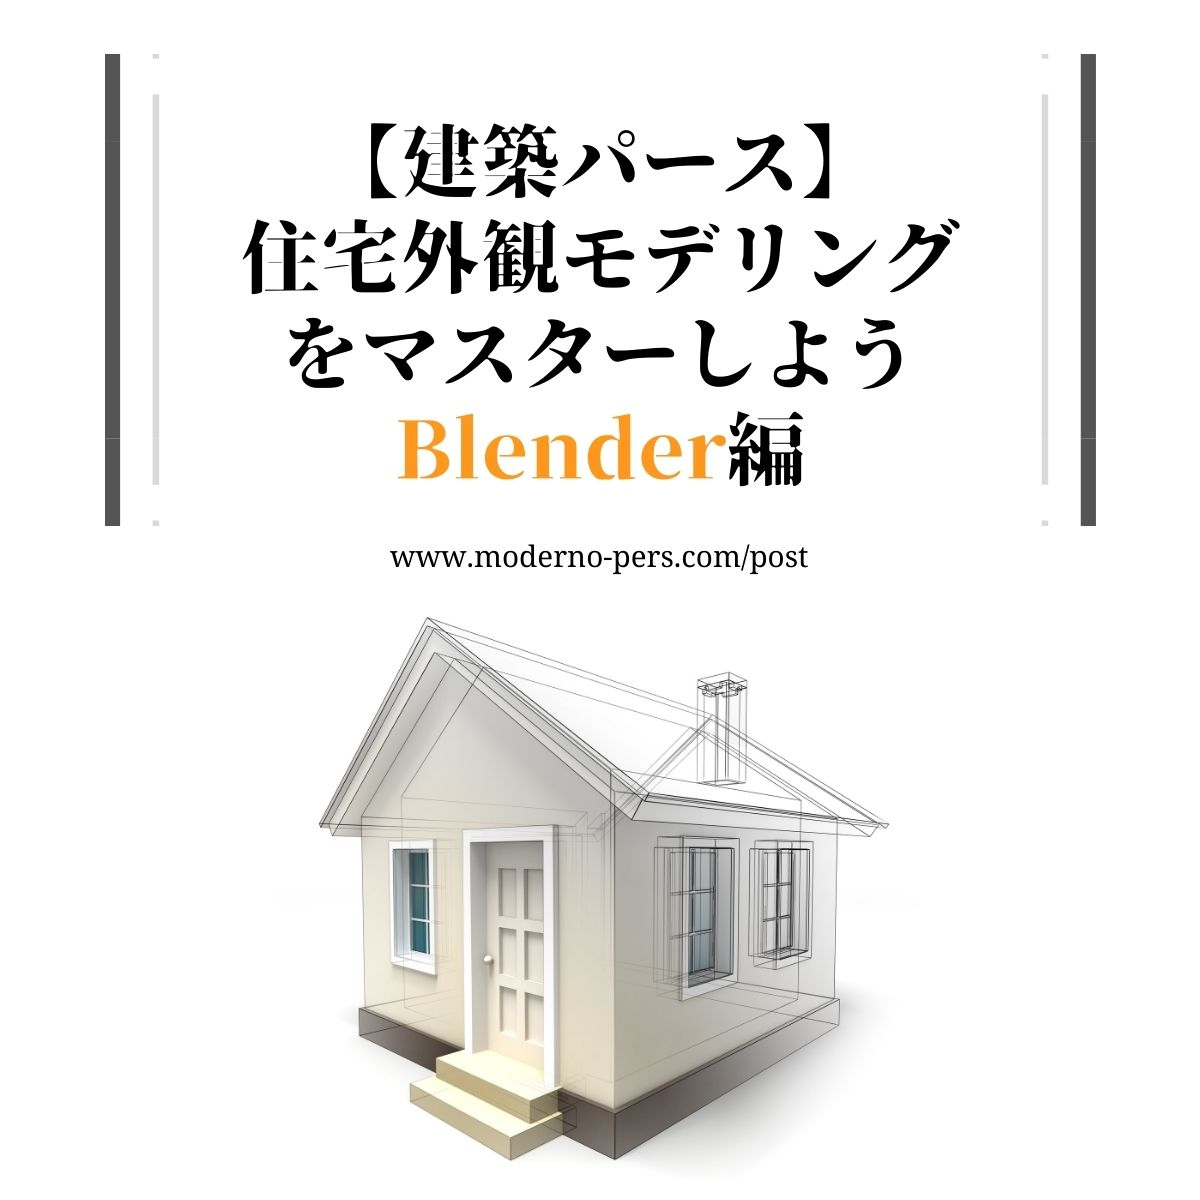 【建築パース】住宅外観モデリングをマスターしよう Blender編